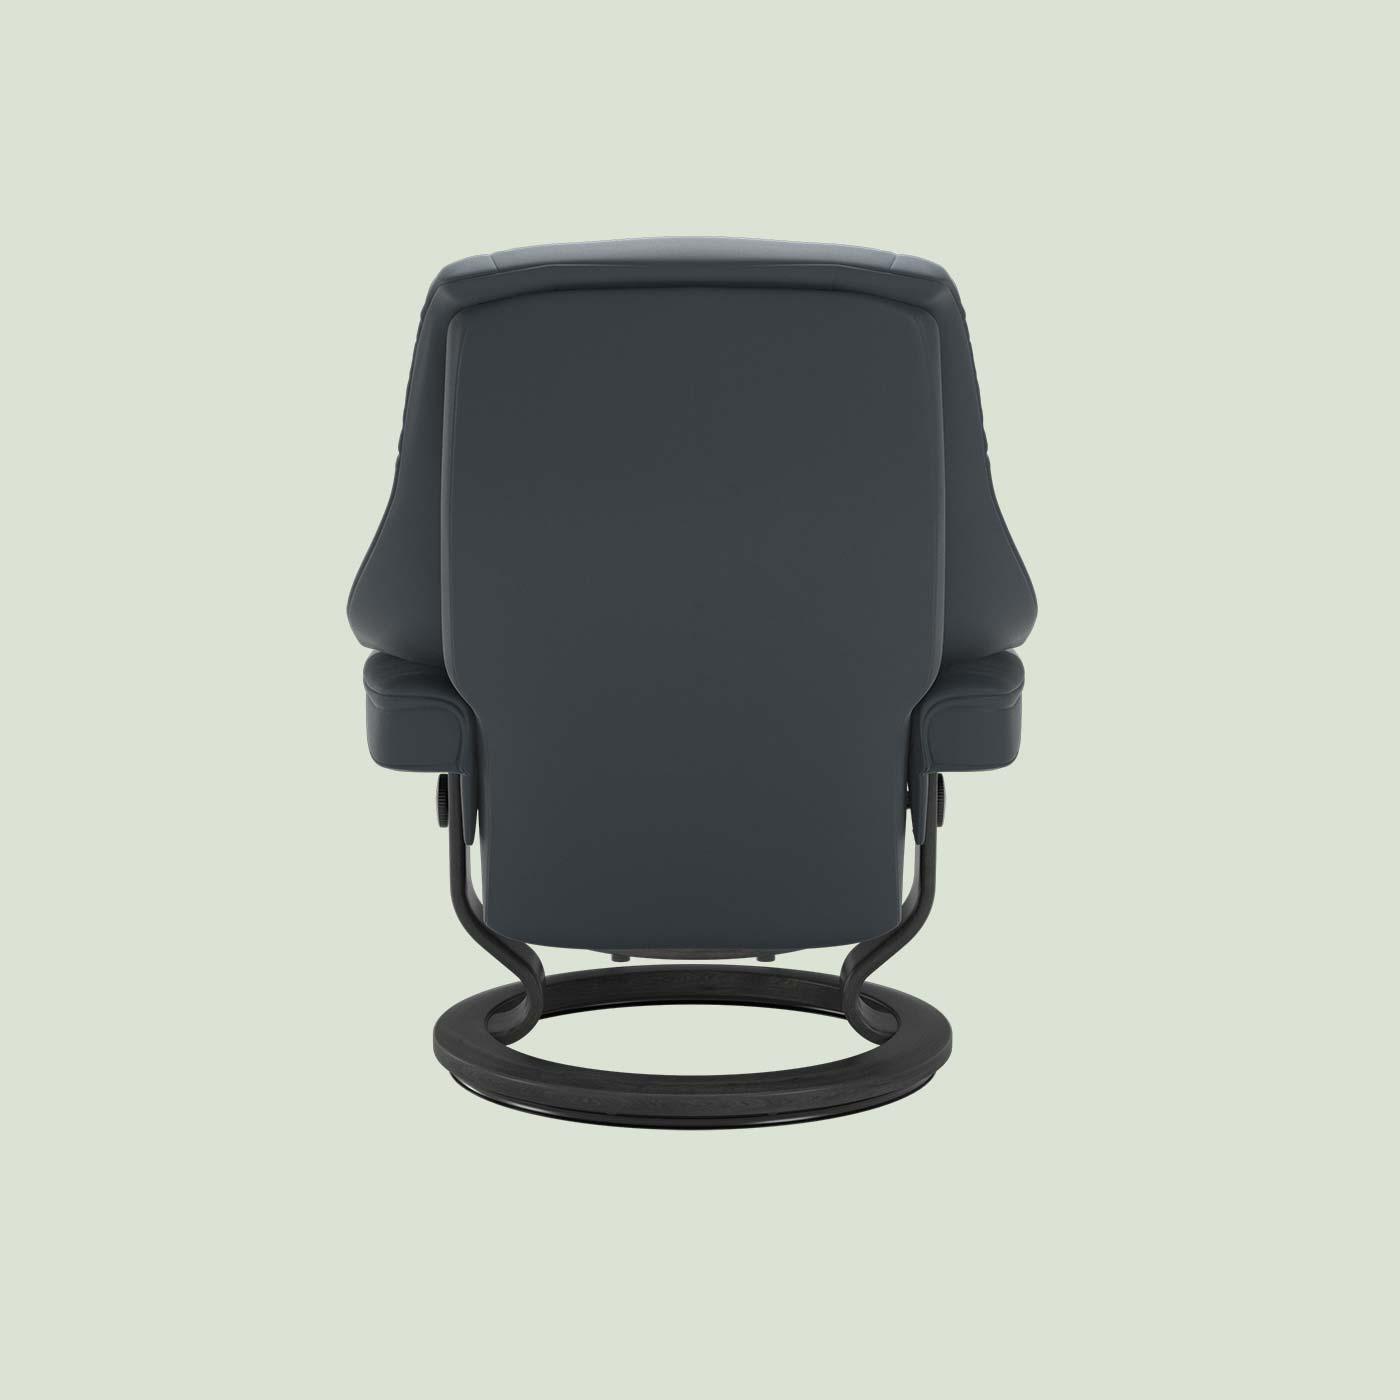 Sessel stressless beziehen es zu einen was neu kostet Kunstleder Sessel